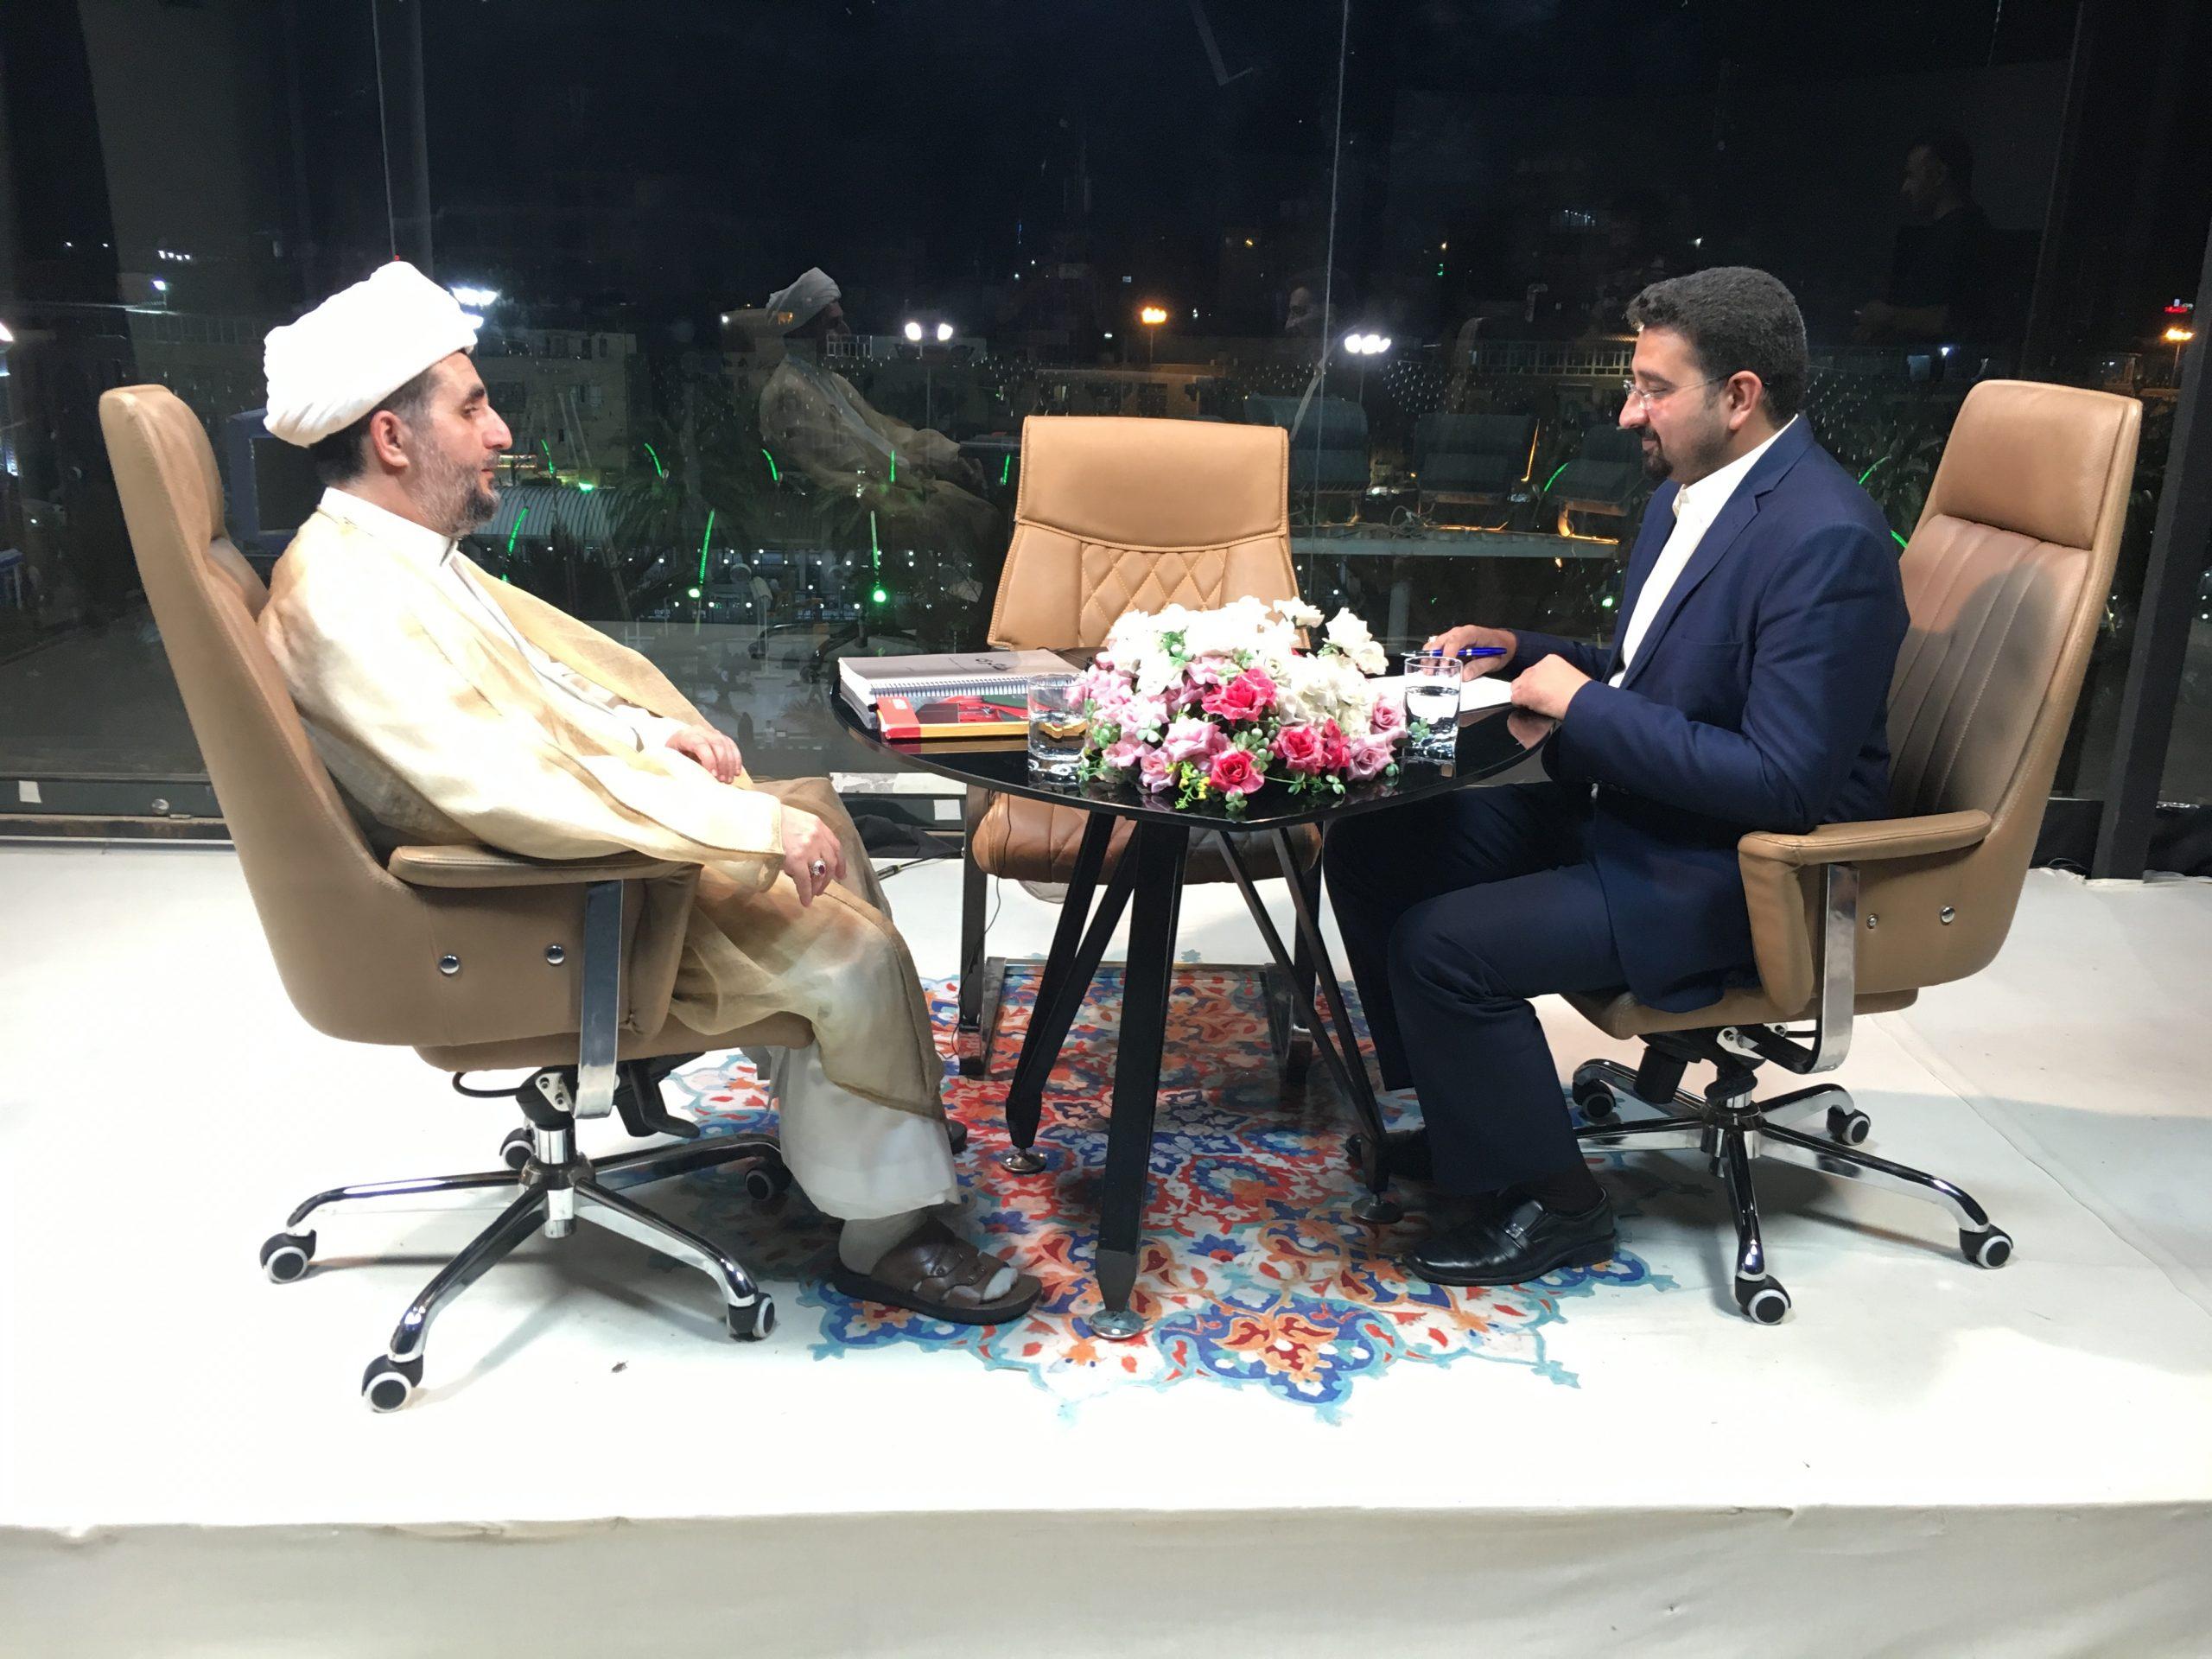 تصویر دعوت به مناظره، در برنامه زنده شبكه جهانى امام حسين عليه السلام